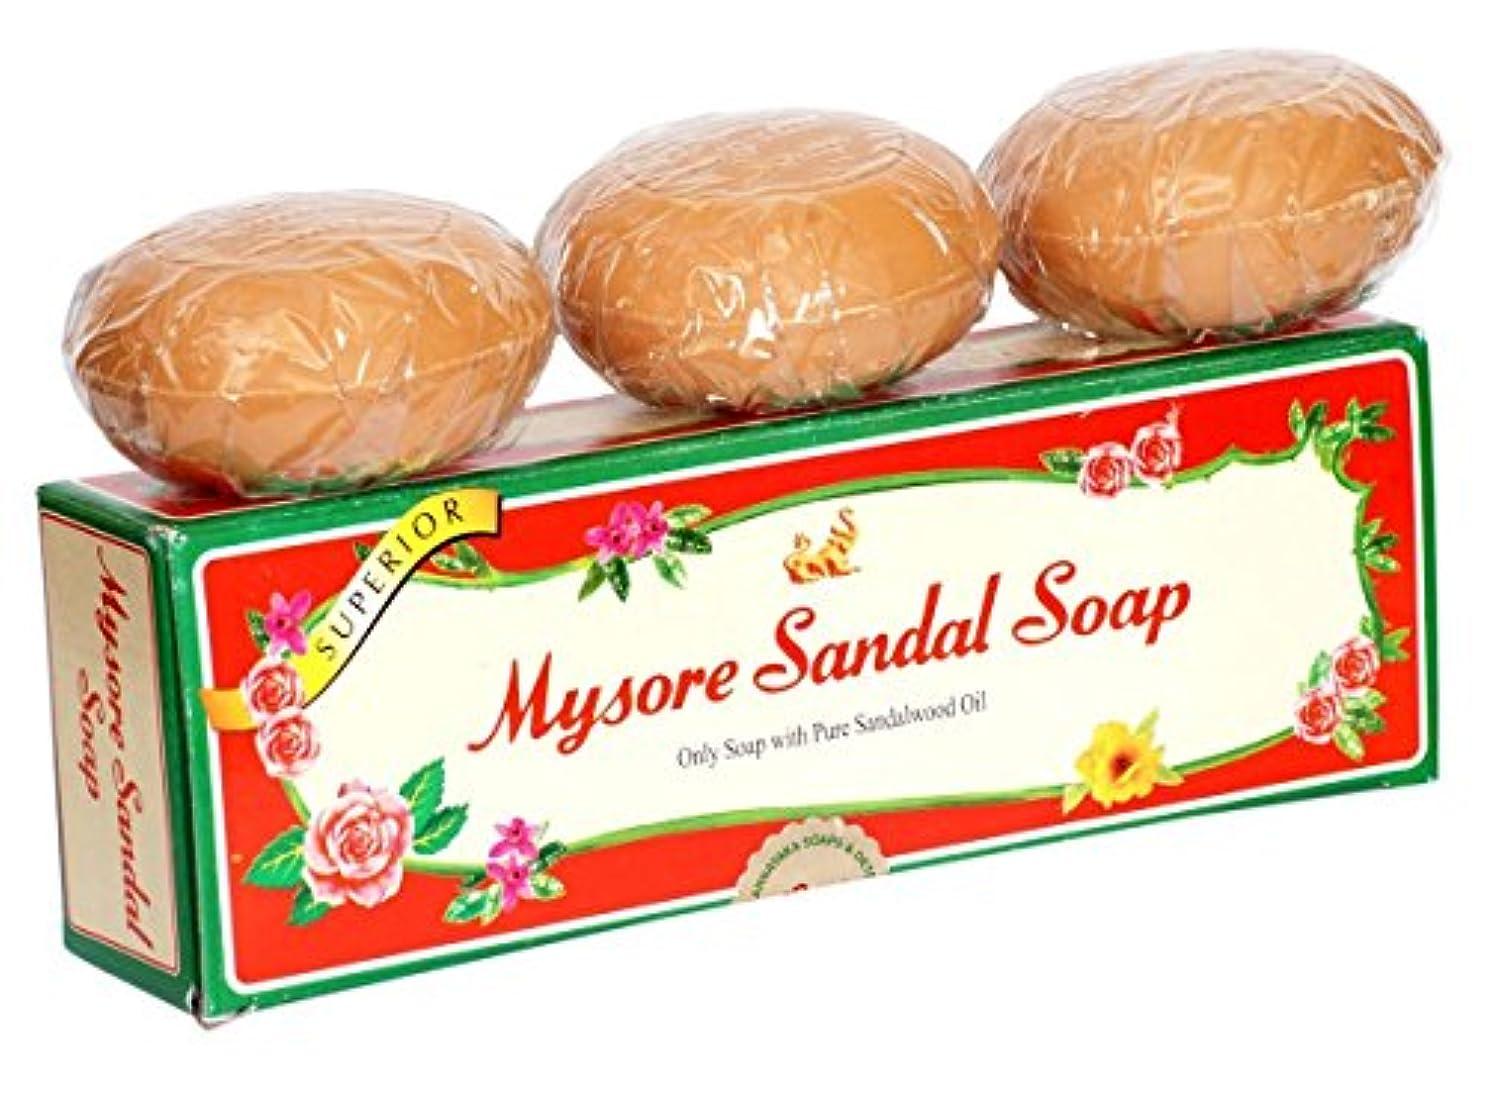 夫婦おんどり純正Mysore Pure Natural Sandalwood Oil Ayurvedic Soap - 3 x 150g bars in 1 gift pack